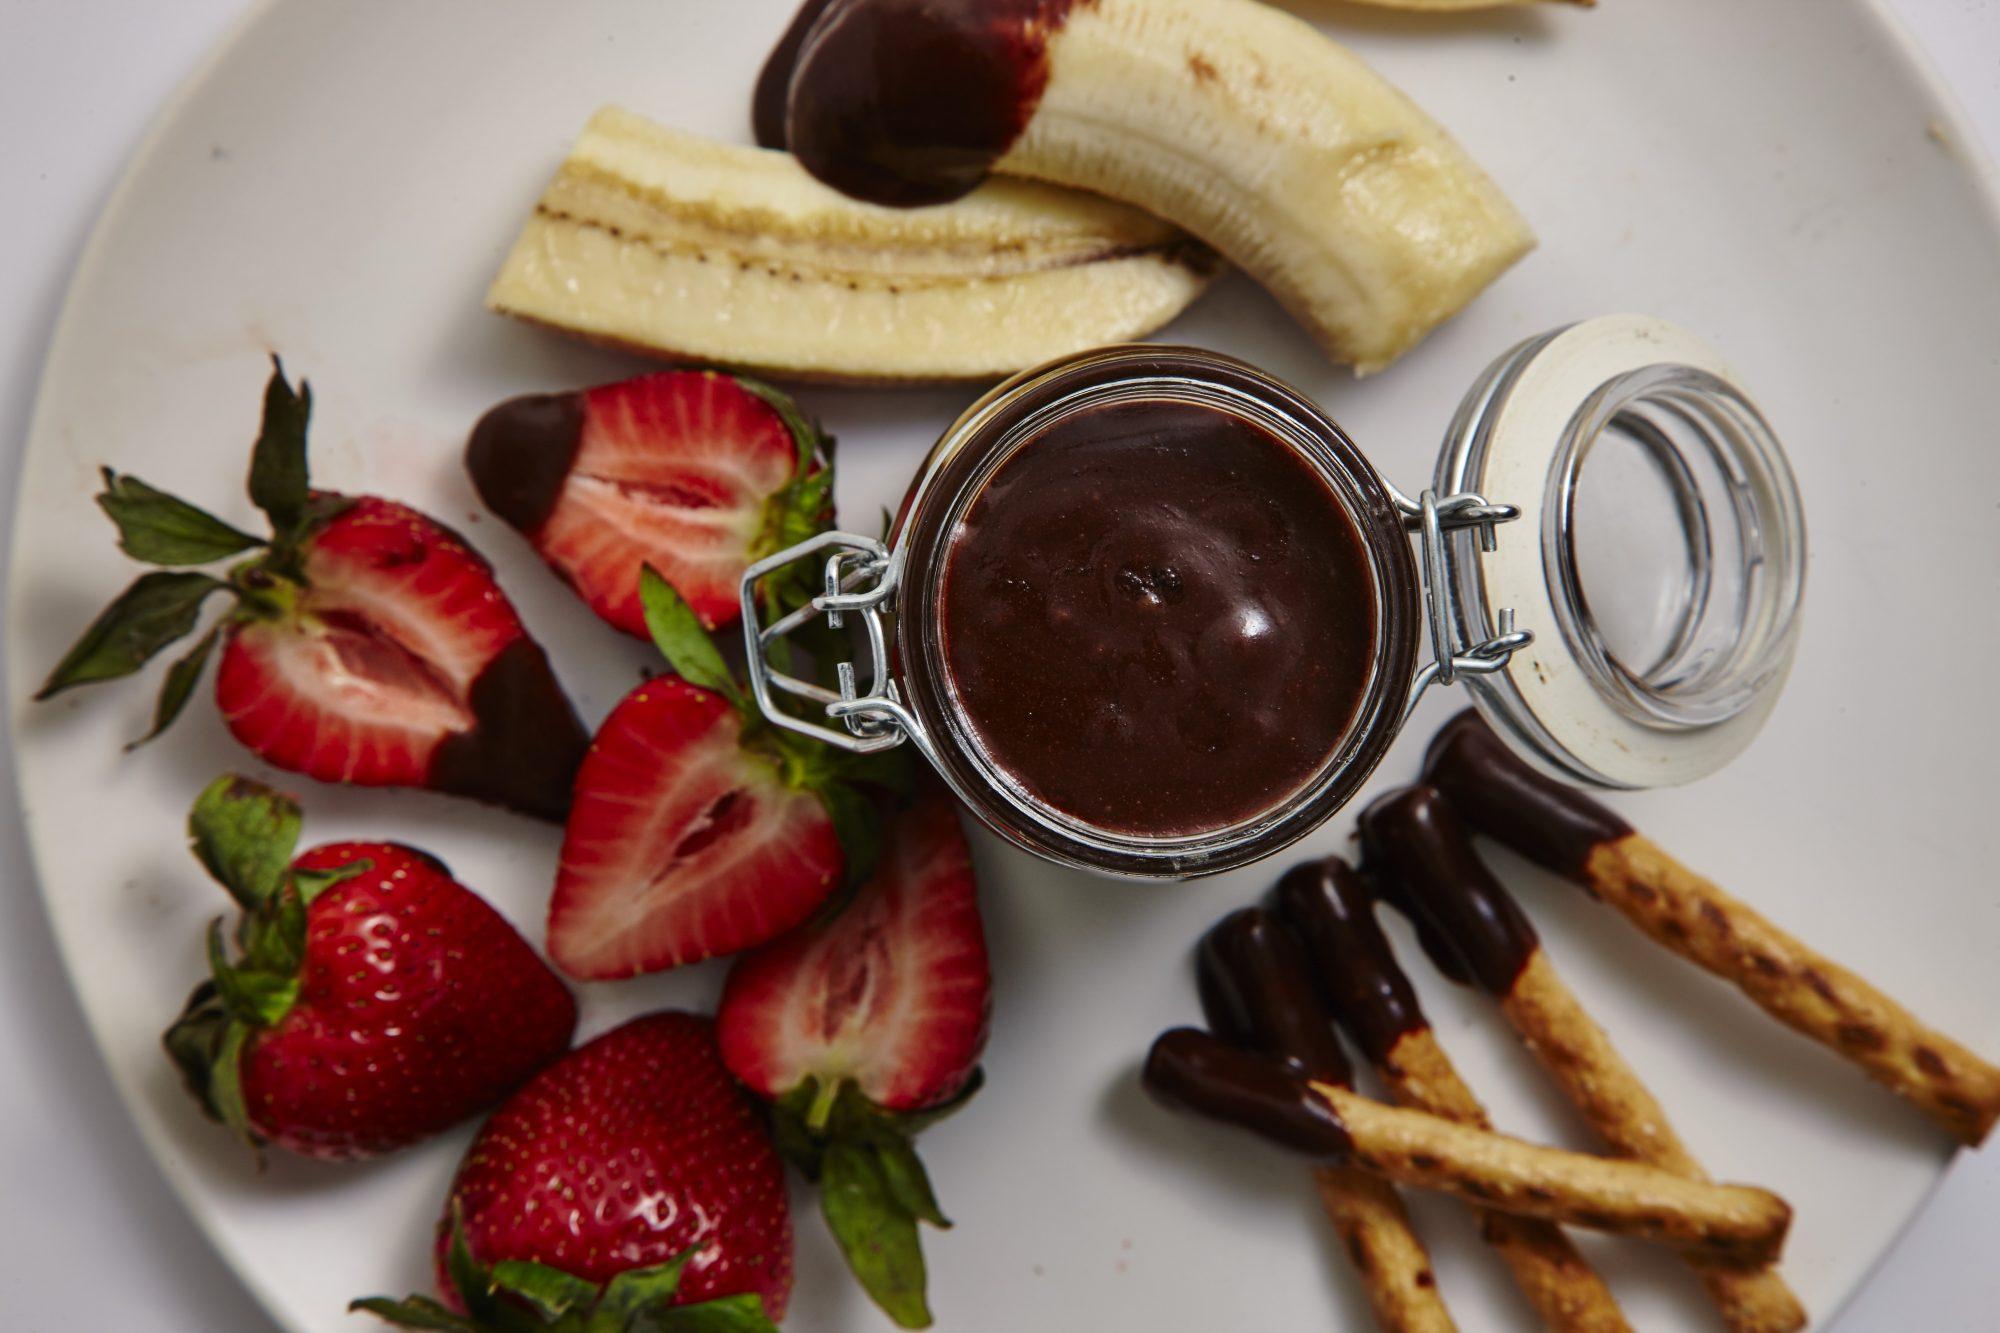 Copycat Nutella image